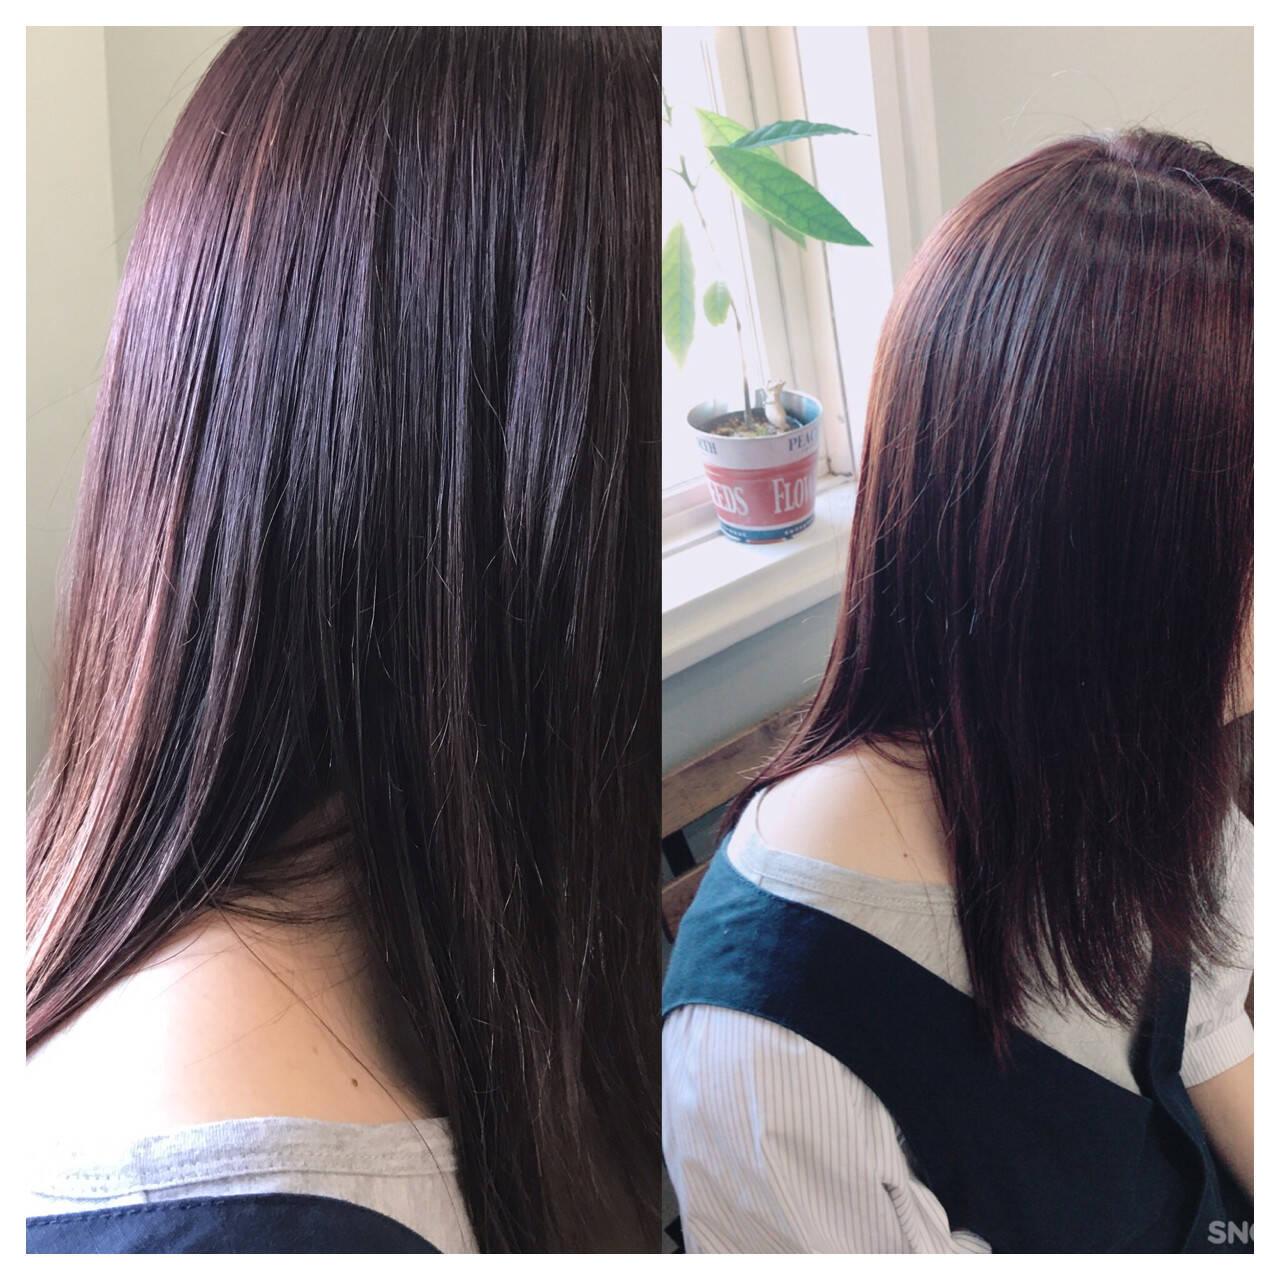 セミロング エレガント 上品 イルミナカラーヘアスタイルや髪型の写真・画像